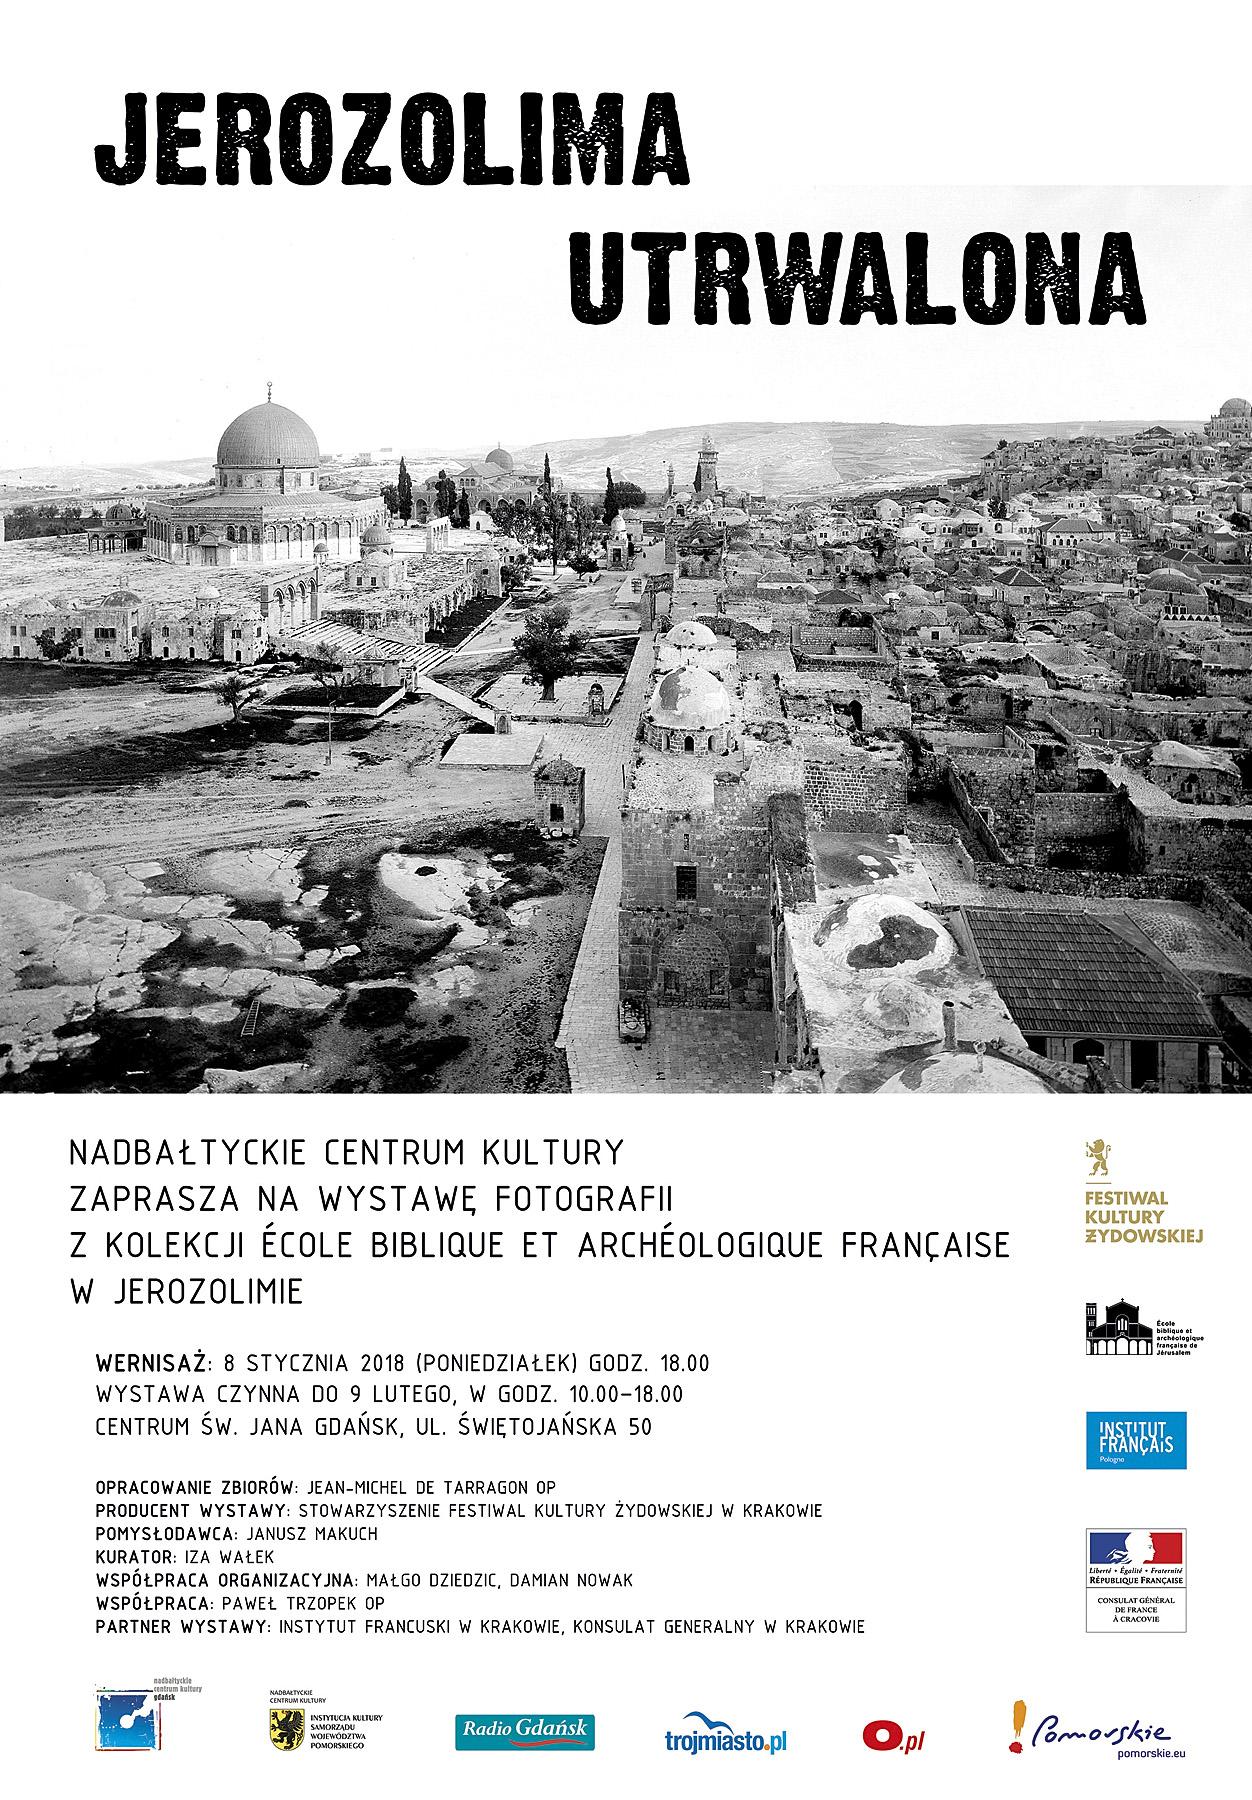 Plakat informacyjny do wystawy w Nadbałtyckie Centrum Kultury w Gdańsku